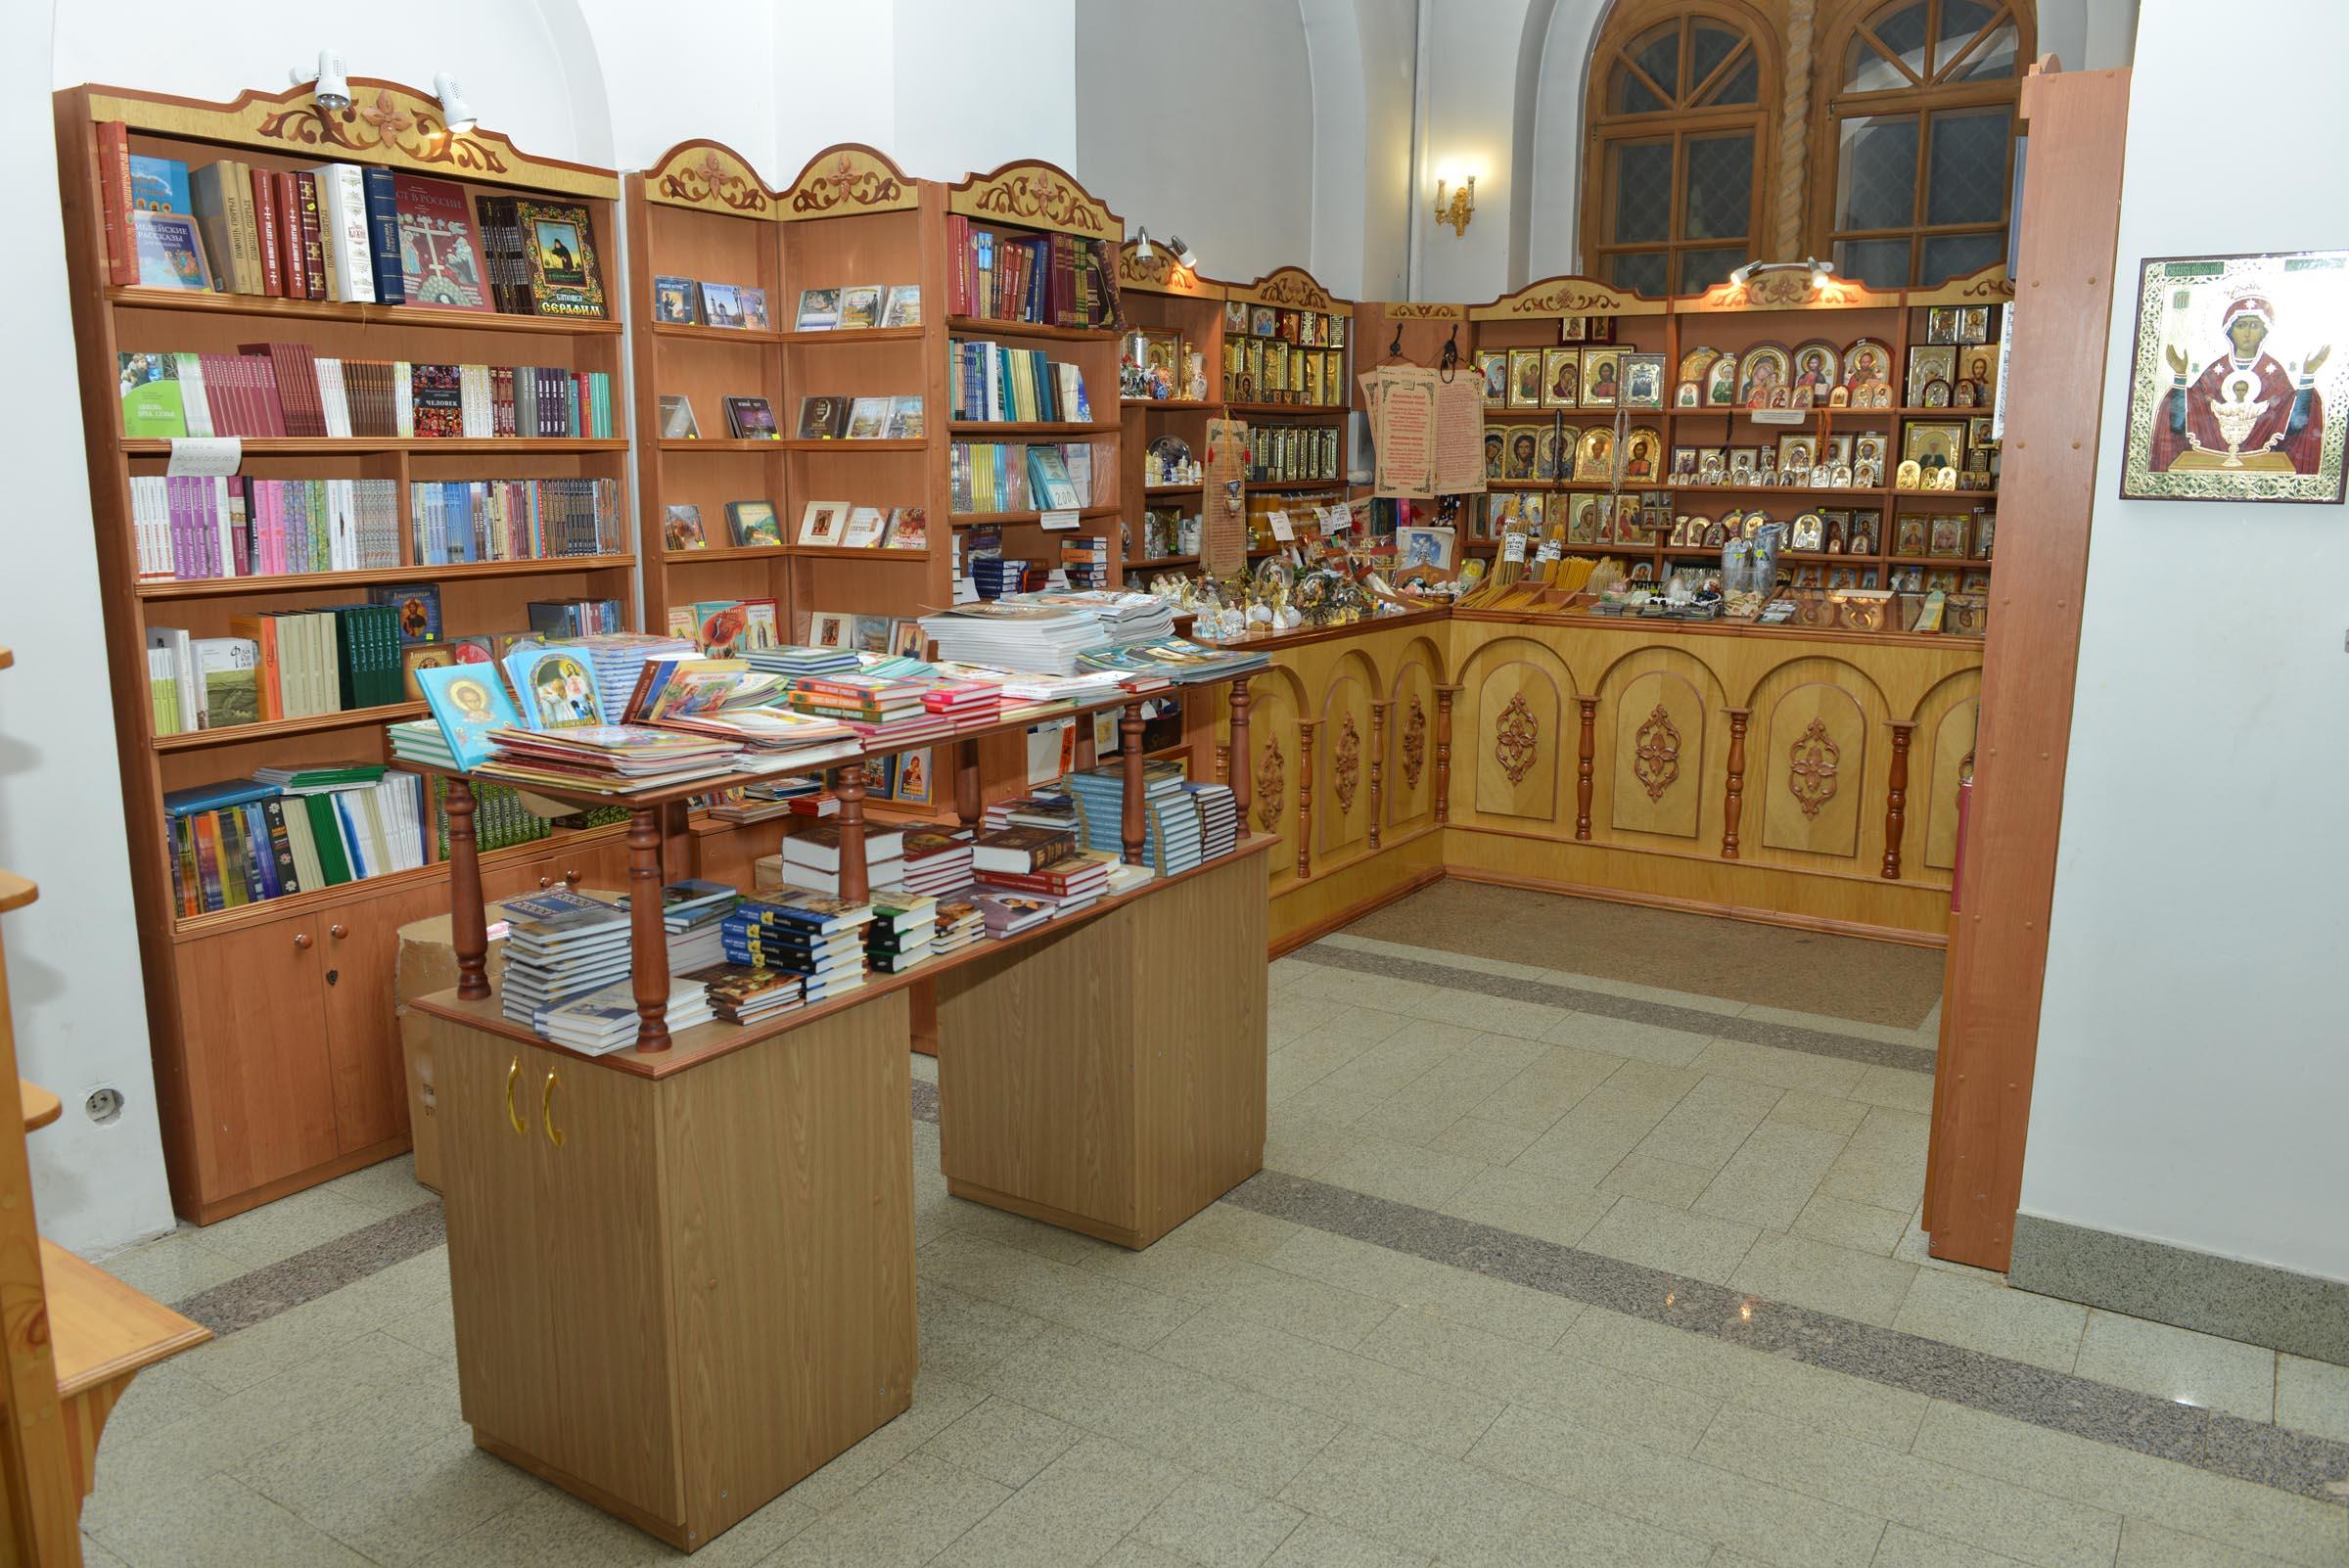 Праввный интернет магазин церковная лавка в Москве